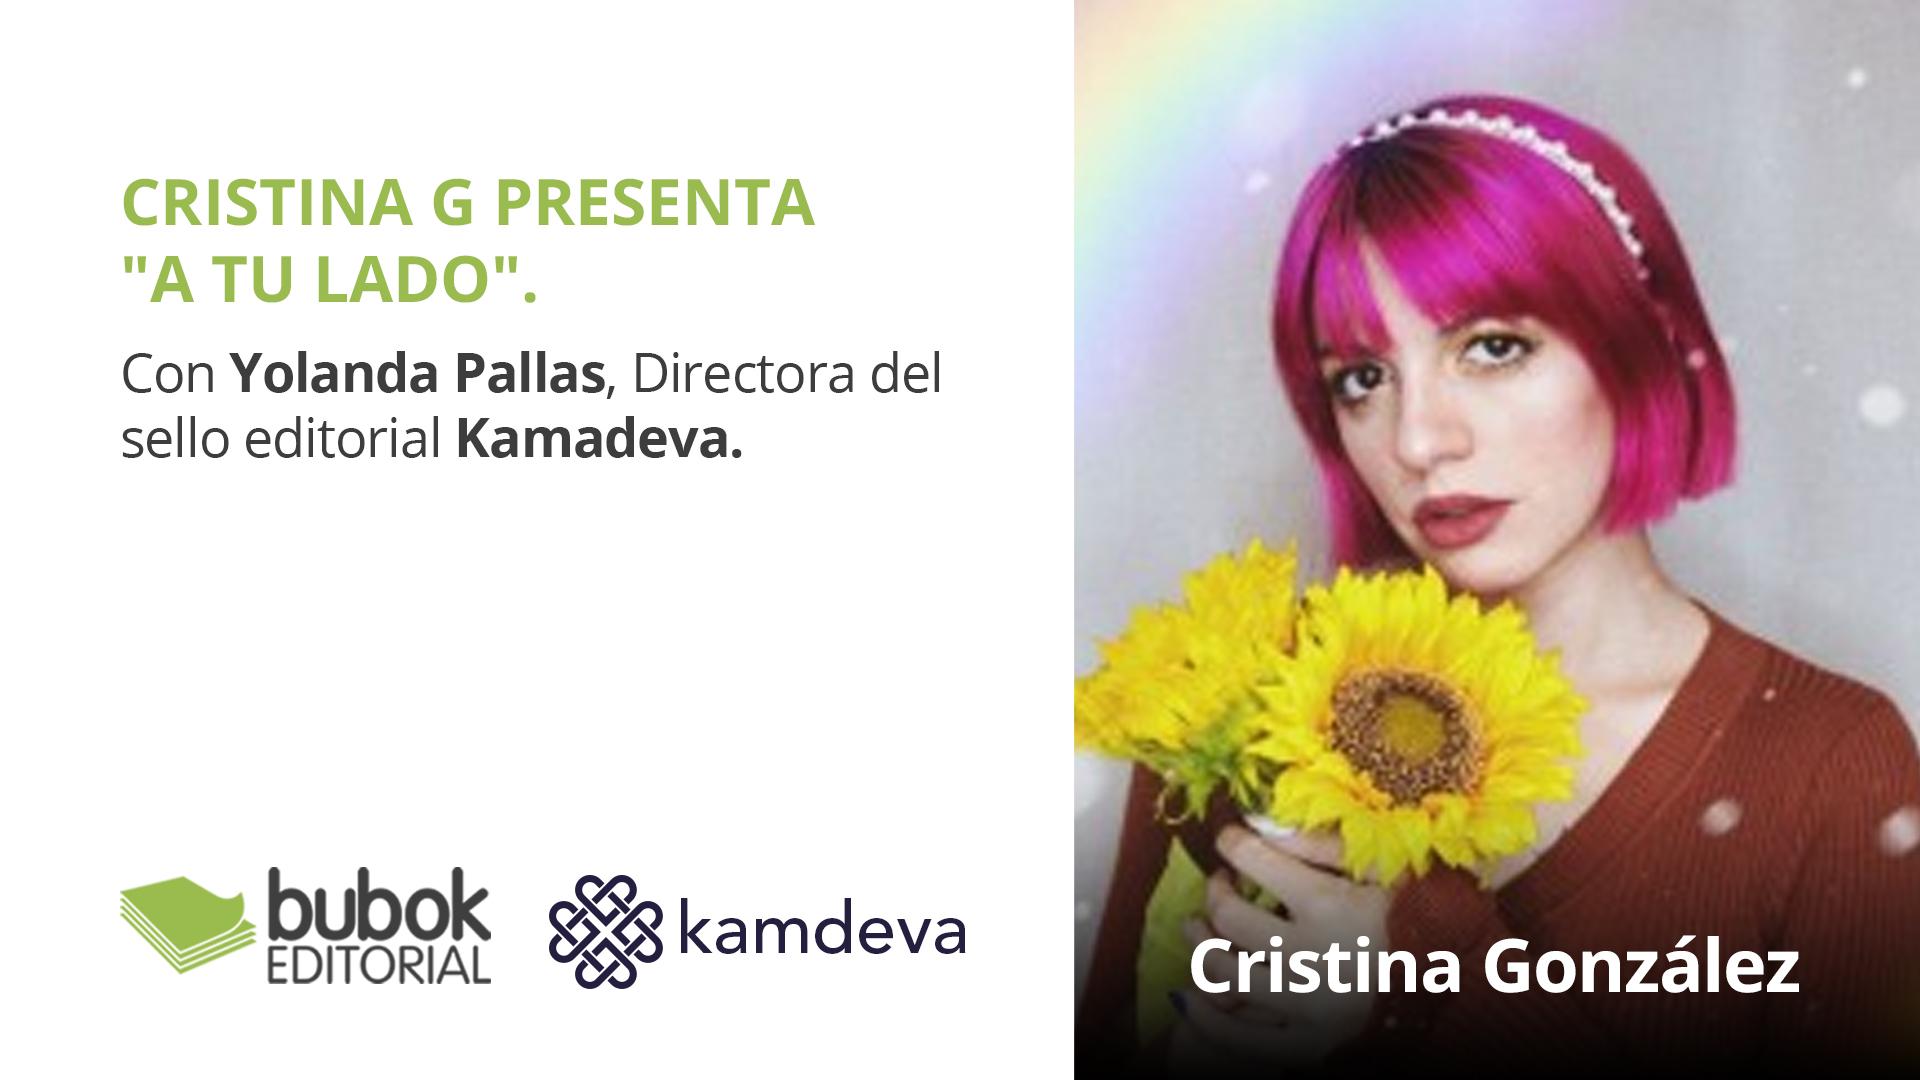 Cristina G presenta